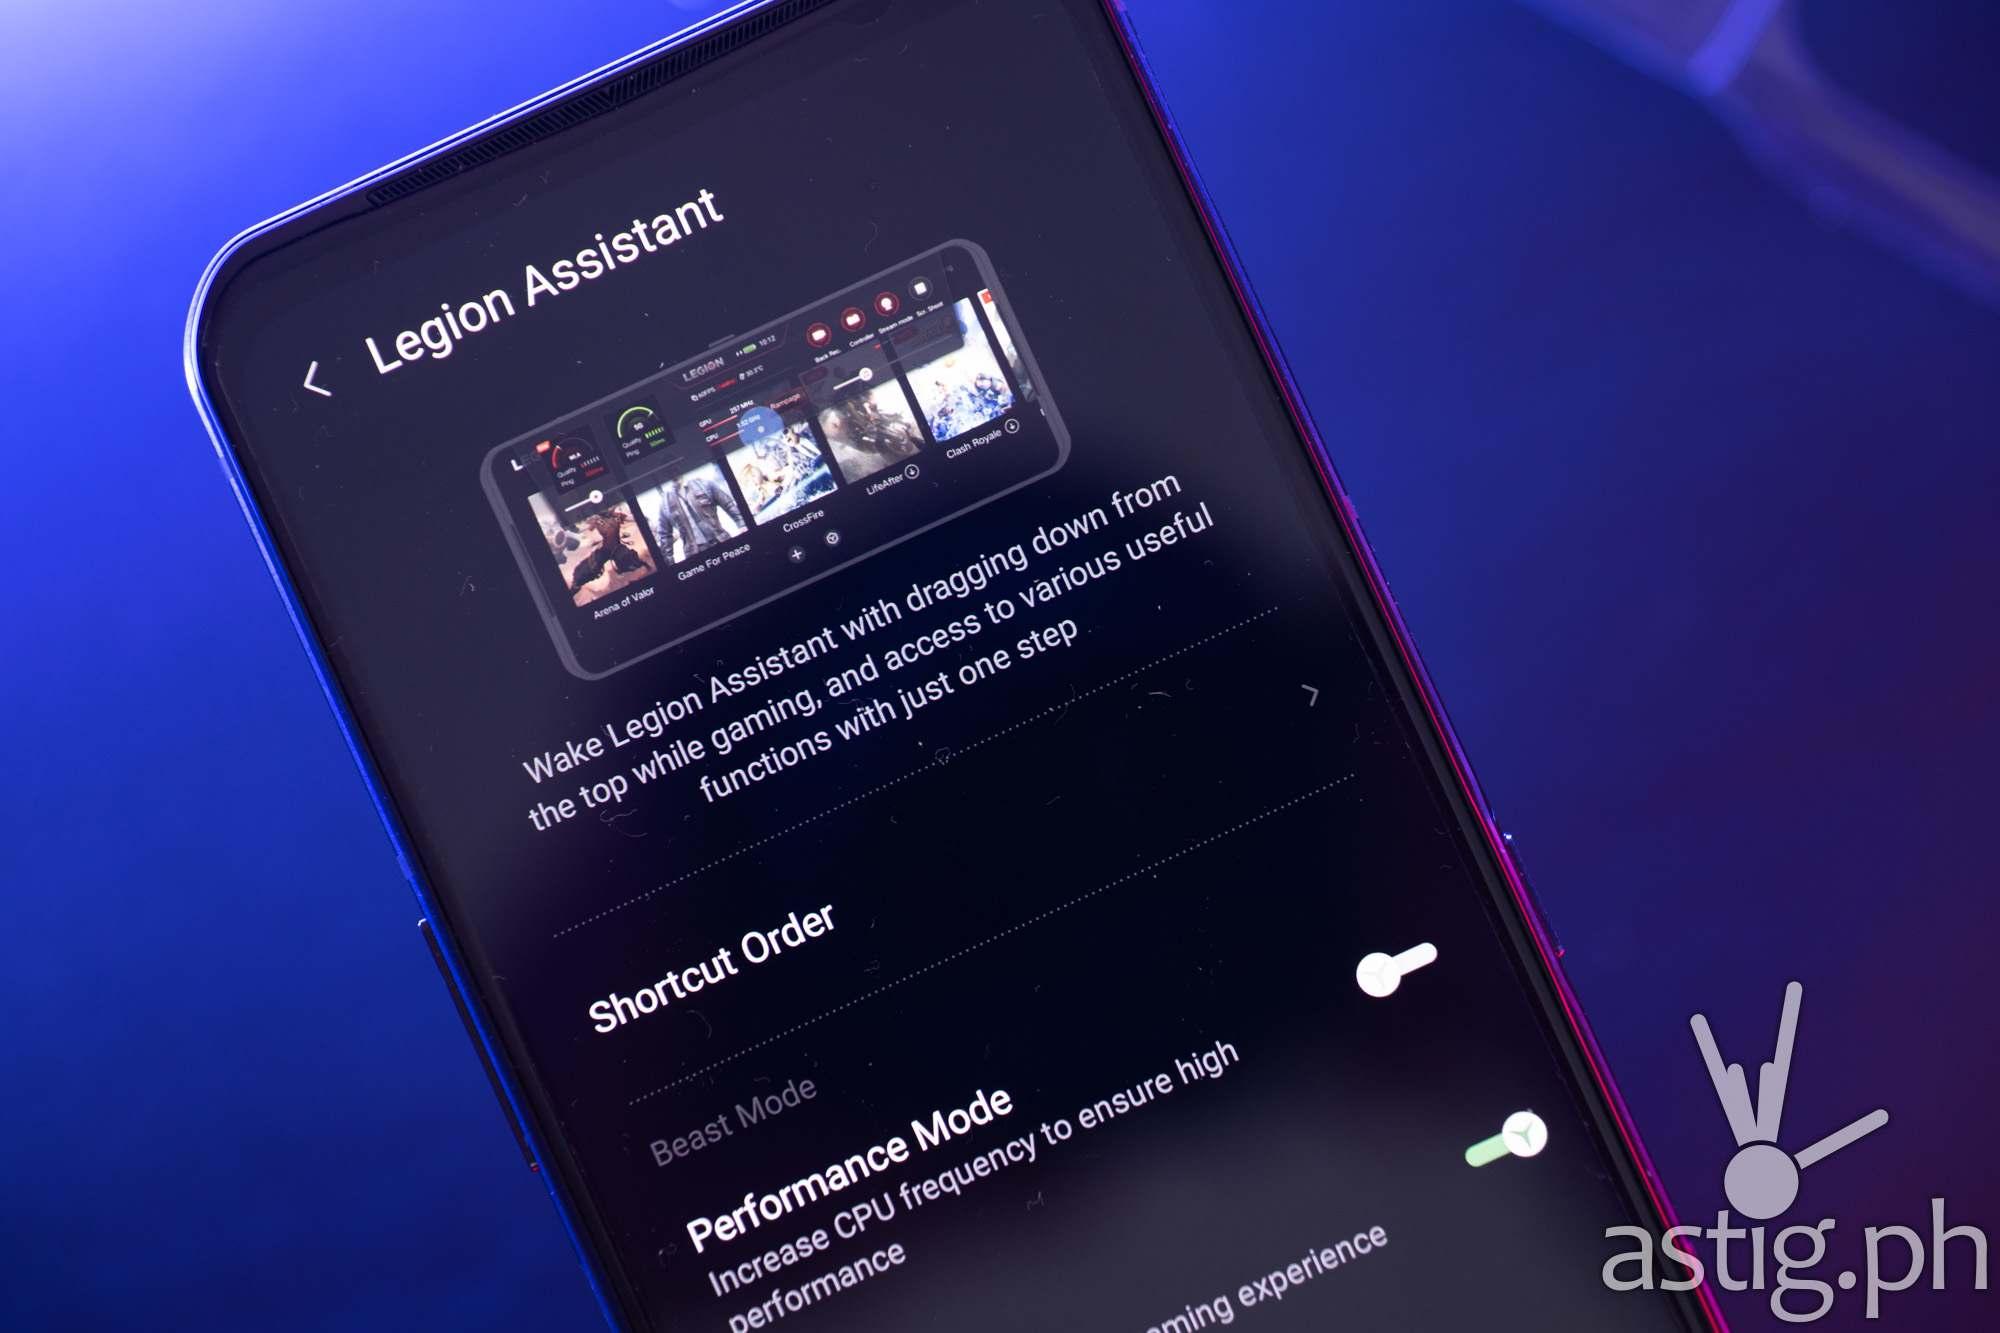 Legion Assistant - Legion Phone Duel 2 (Philippines)